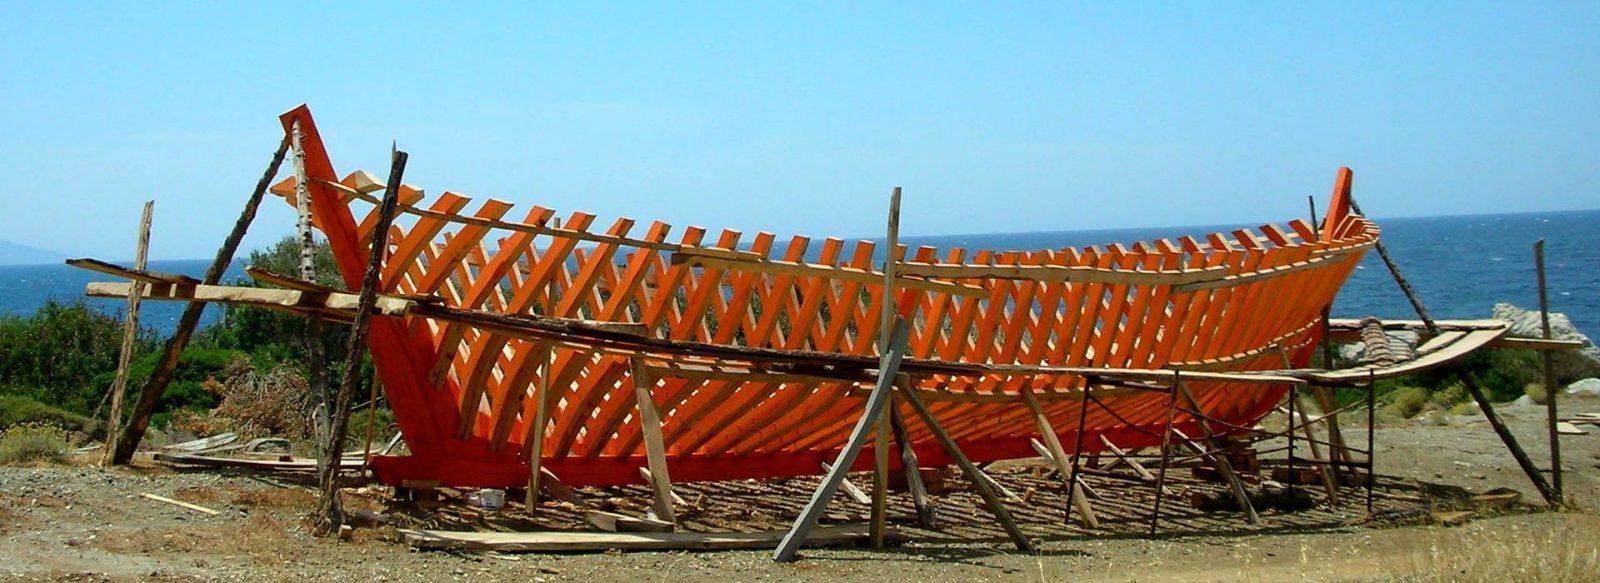 Yacht design tecnico: il bignami dei materiali di costruzione navale ...